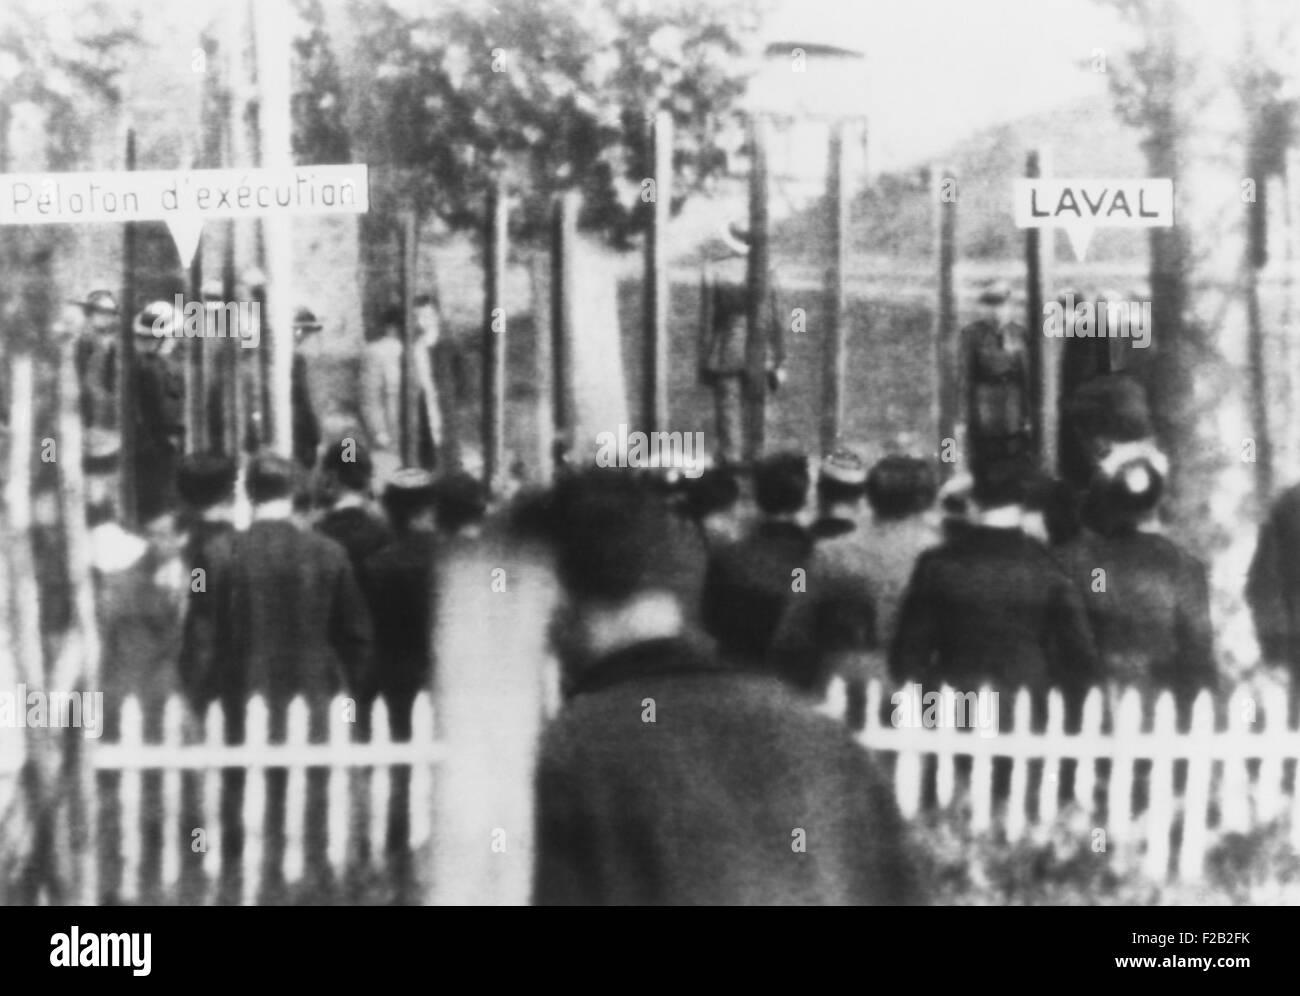 Esecuzione di Pierre Laval il 17 ottobre, 1945. Il plotone di esecuzione è a sinistra e Laval è a destra, Immagini Stock